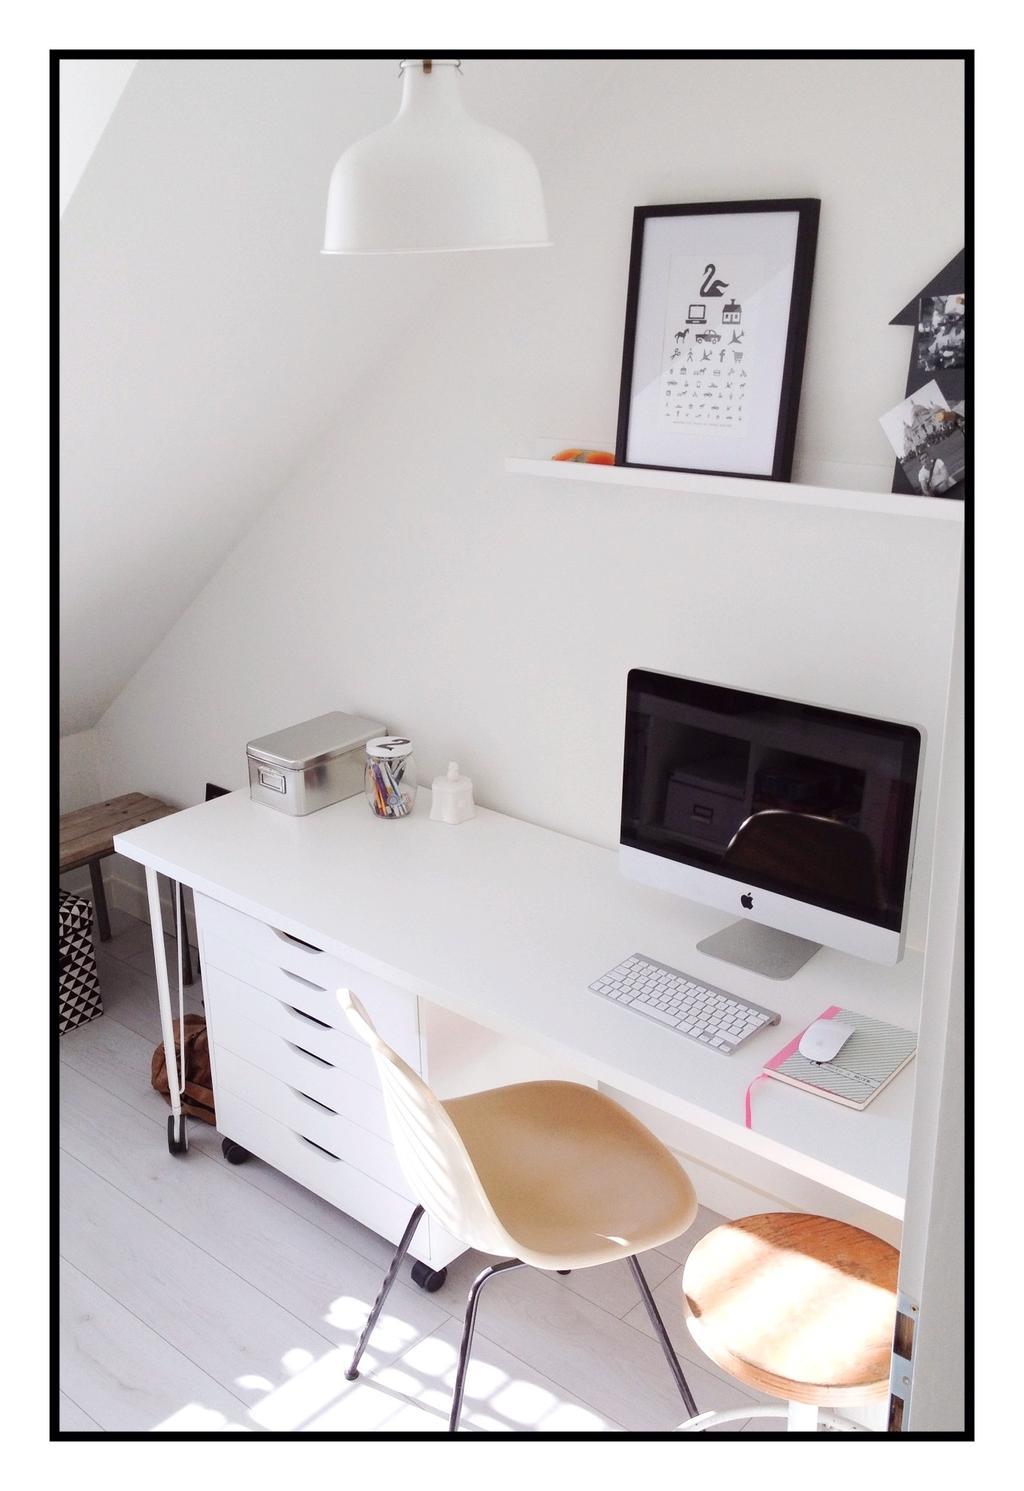 Werk-, studeer- of hobbykamer